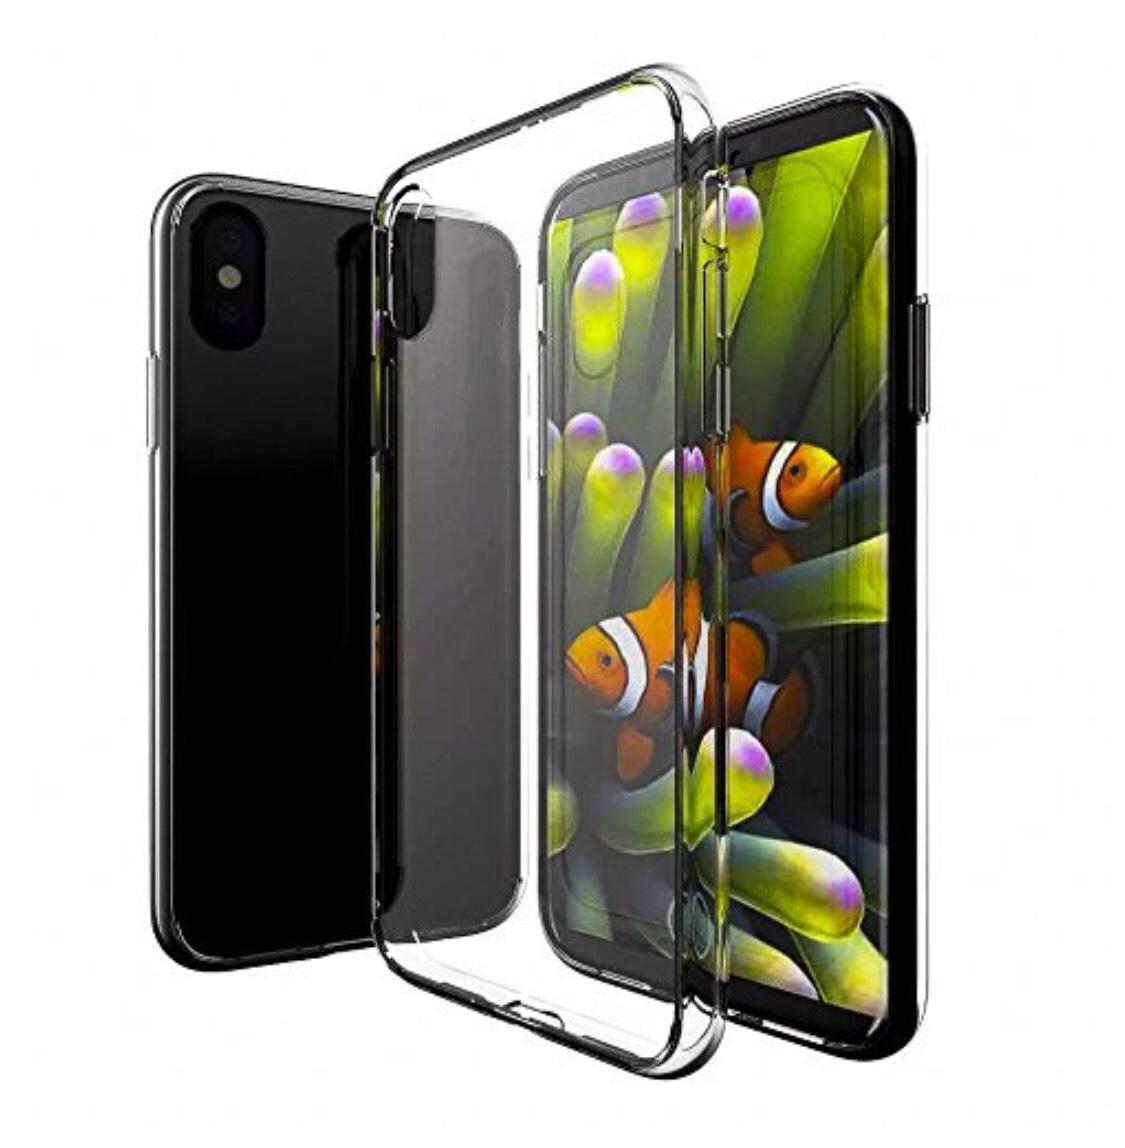 iPhone X Case - Softcase iGuard - Amazon